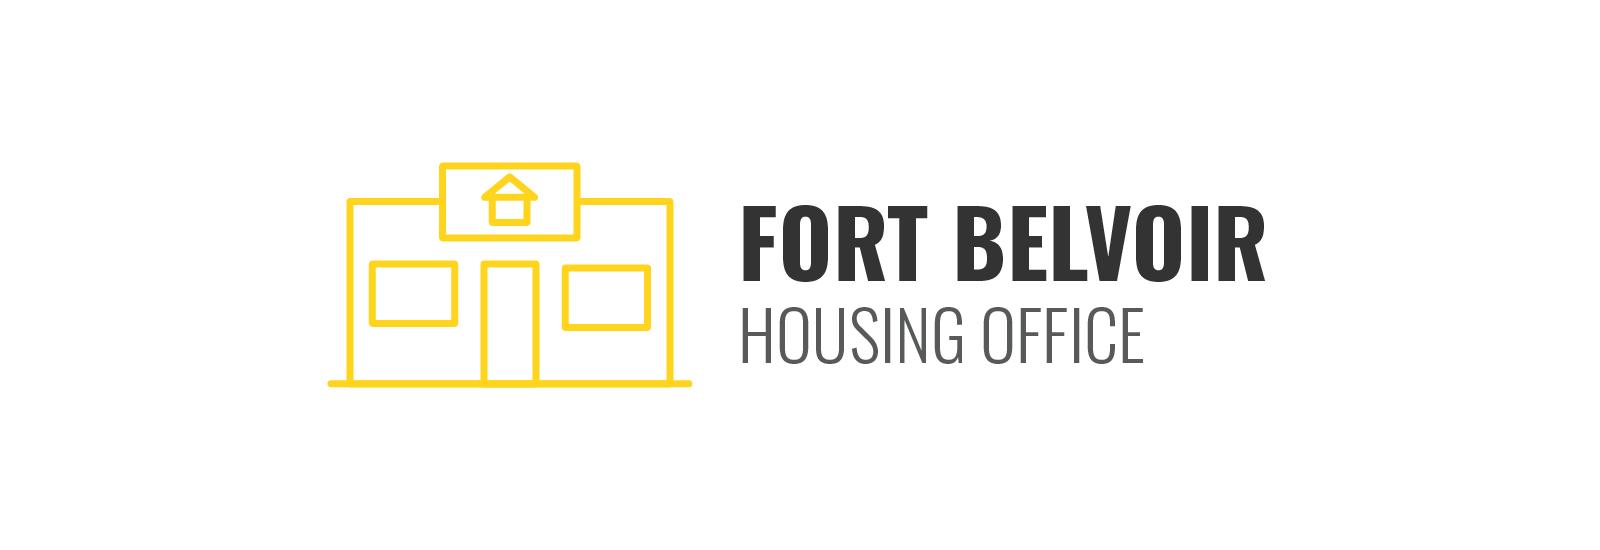 Fort Belvoir Housing Office